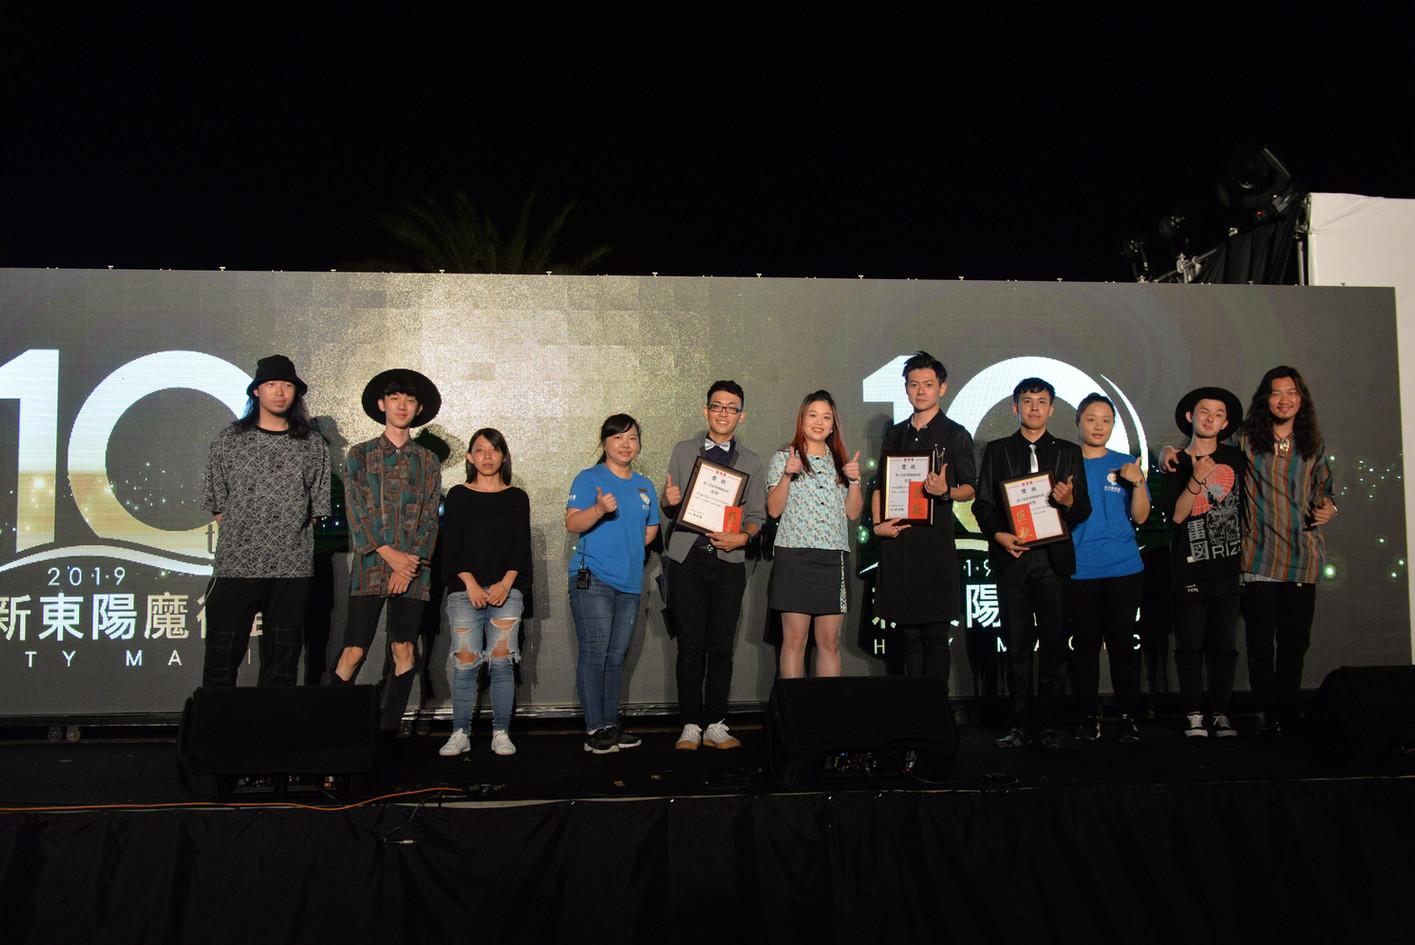 第十屆國際魔術大賽 街頭魔法王 樂團Dr.Ye